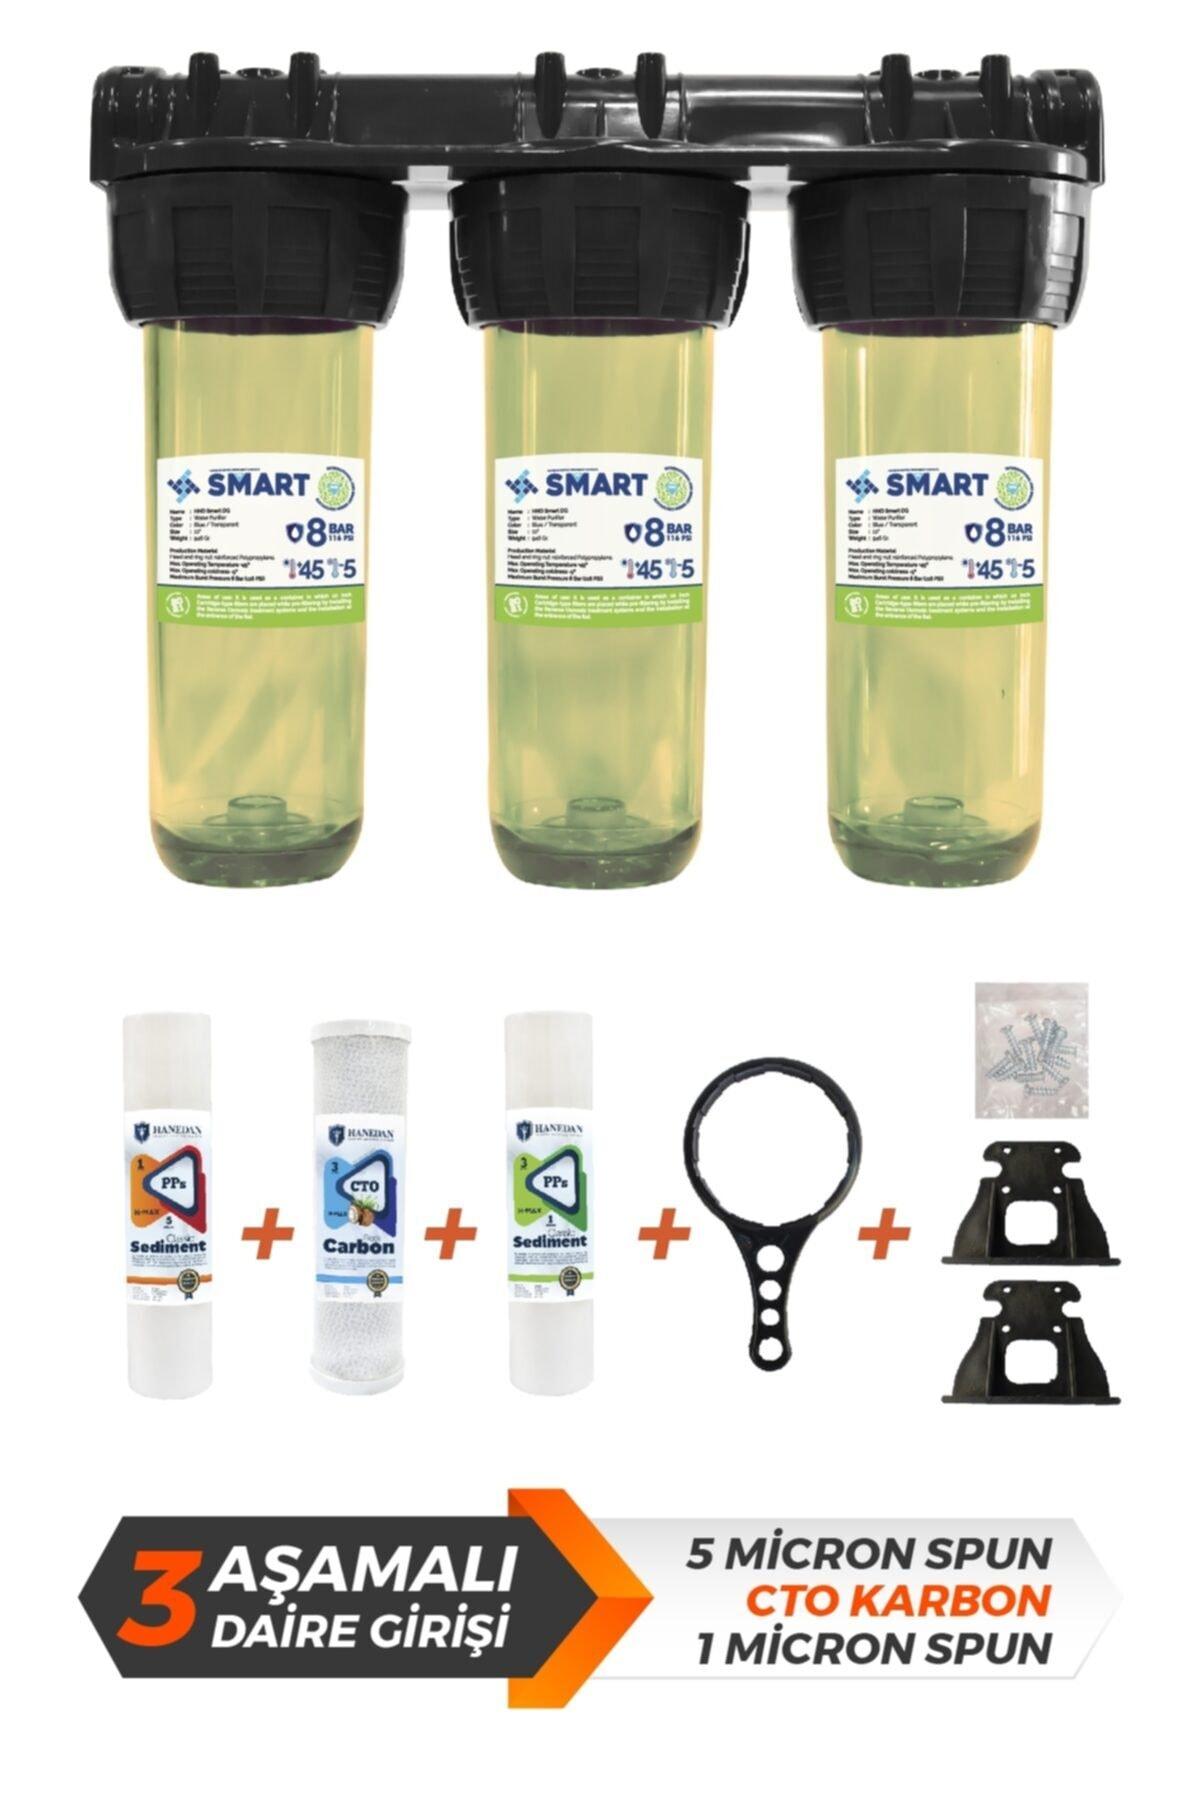 Smart 10 Inc Çift Sediment Karbon Filtreli Kireç Ve Tortu Önleyici 3lü Daire Girişi Su Arıtma Cihazı